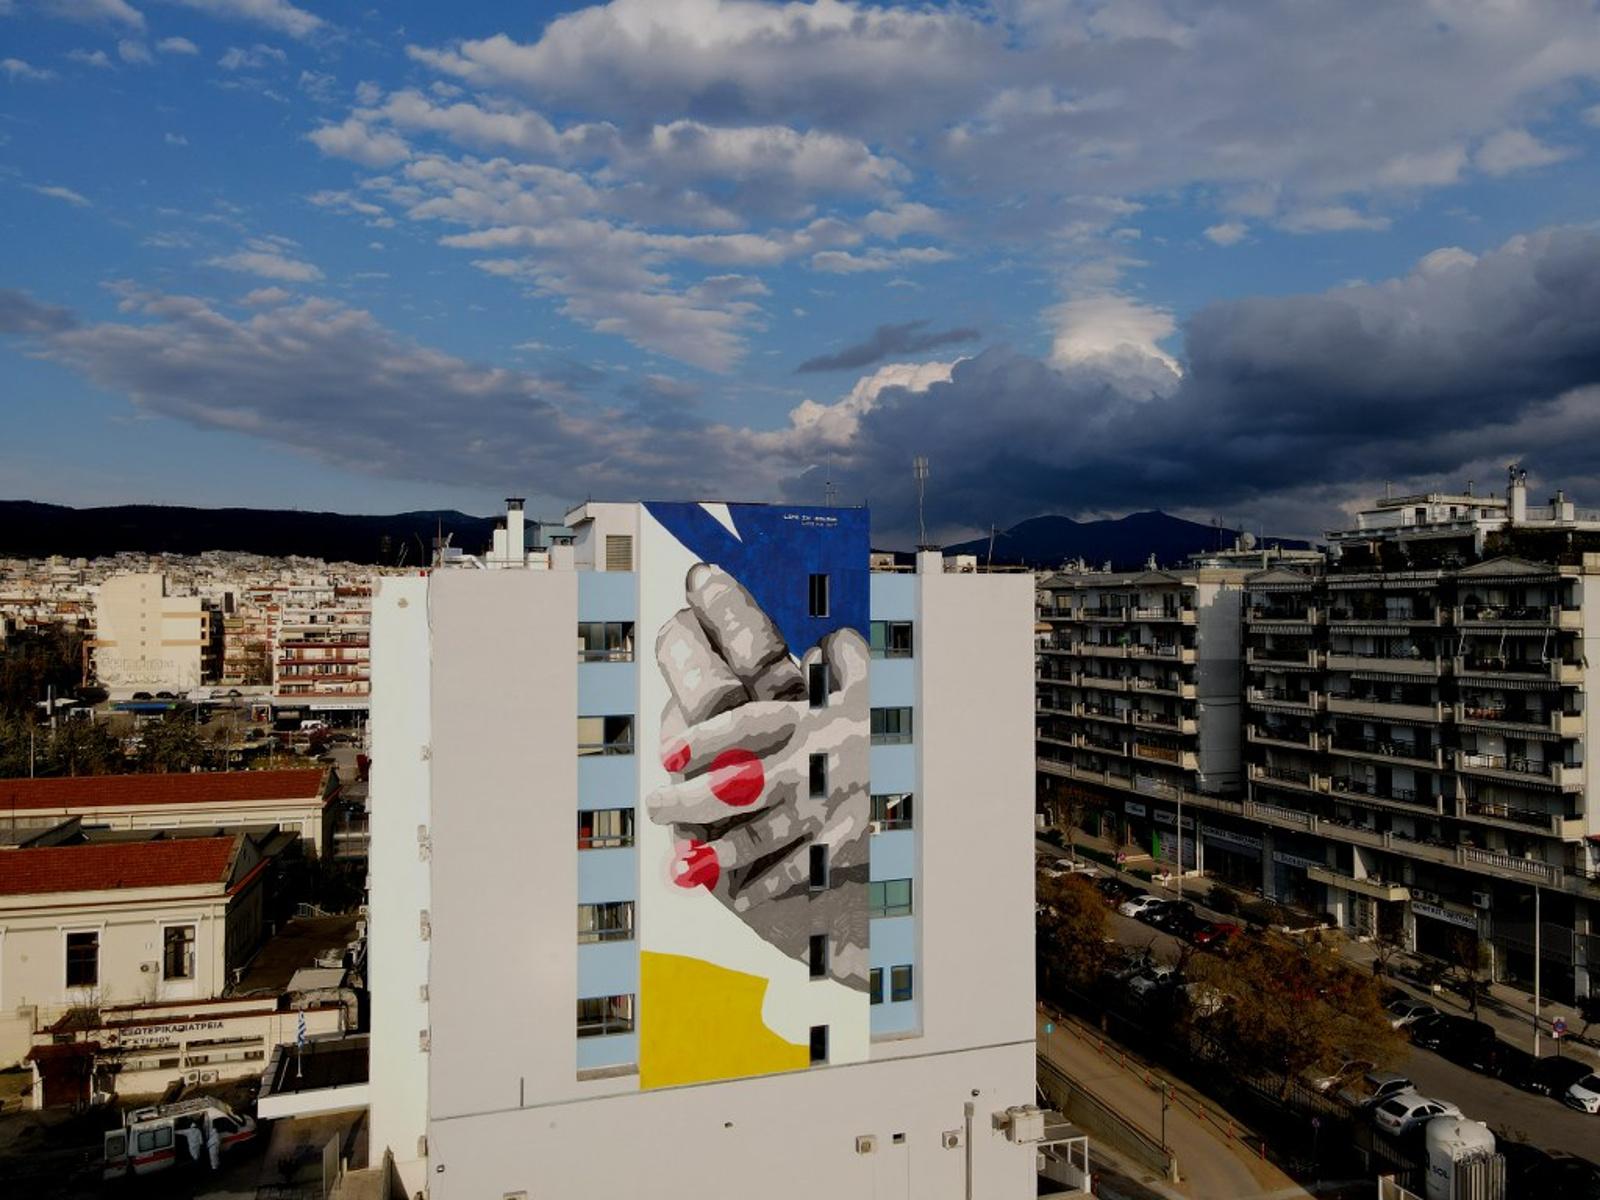 Θεσσαλονίκη: Συγκινεί η νέα τοιχογραφία στο Ιπποκράτειο – Τι συμβολίζει